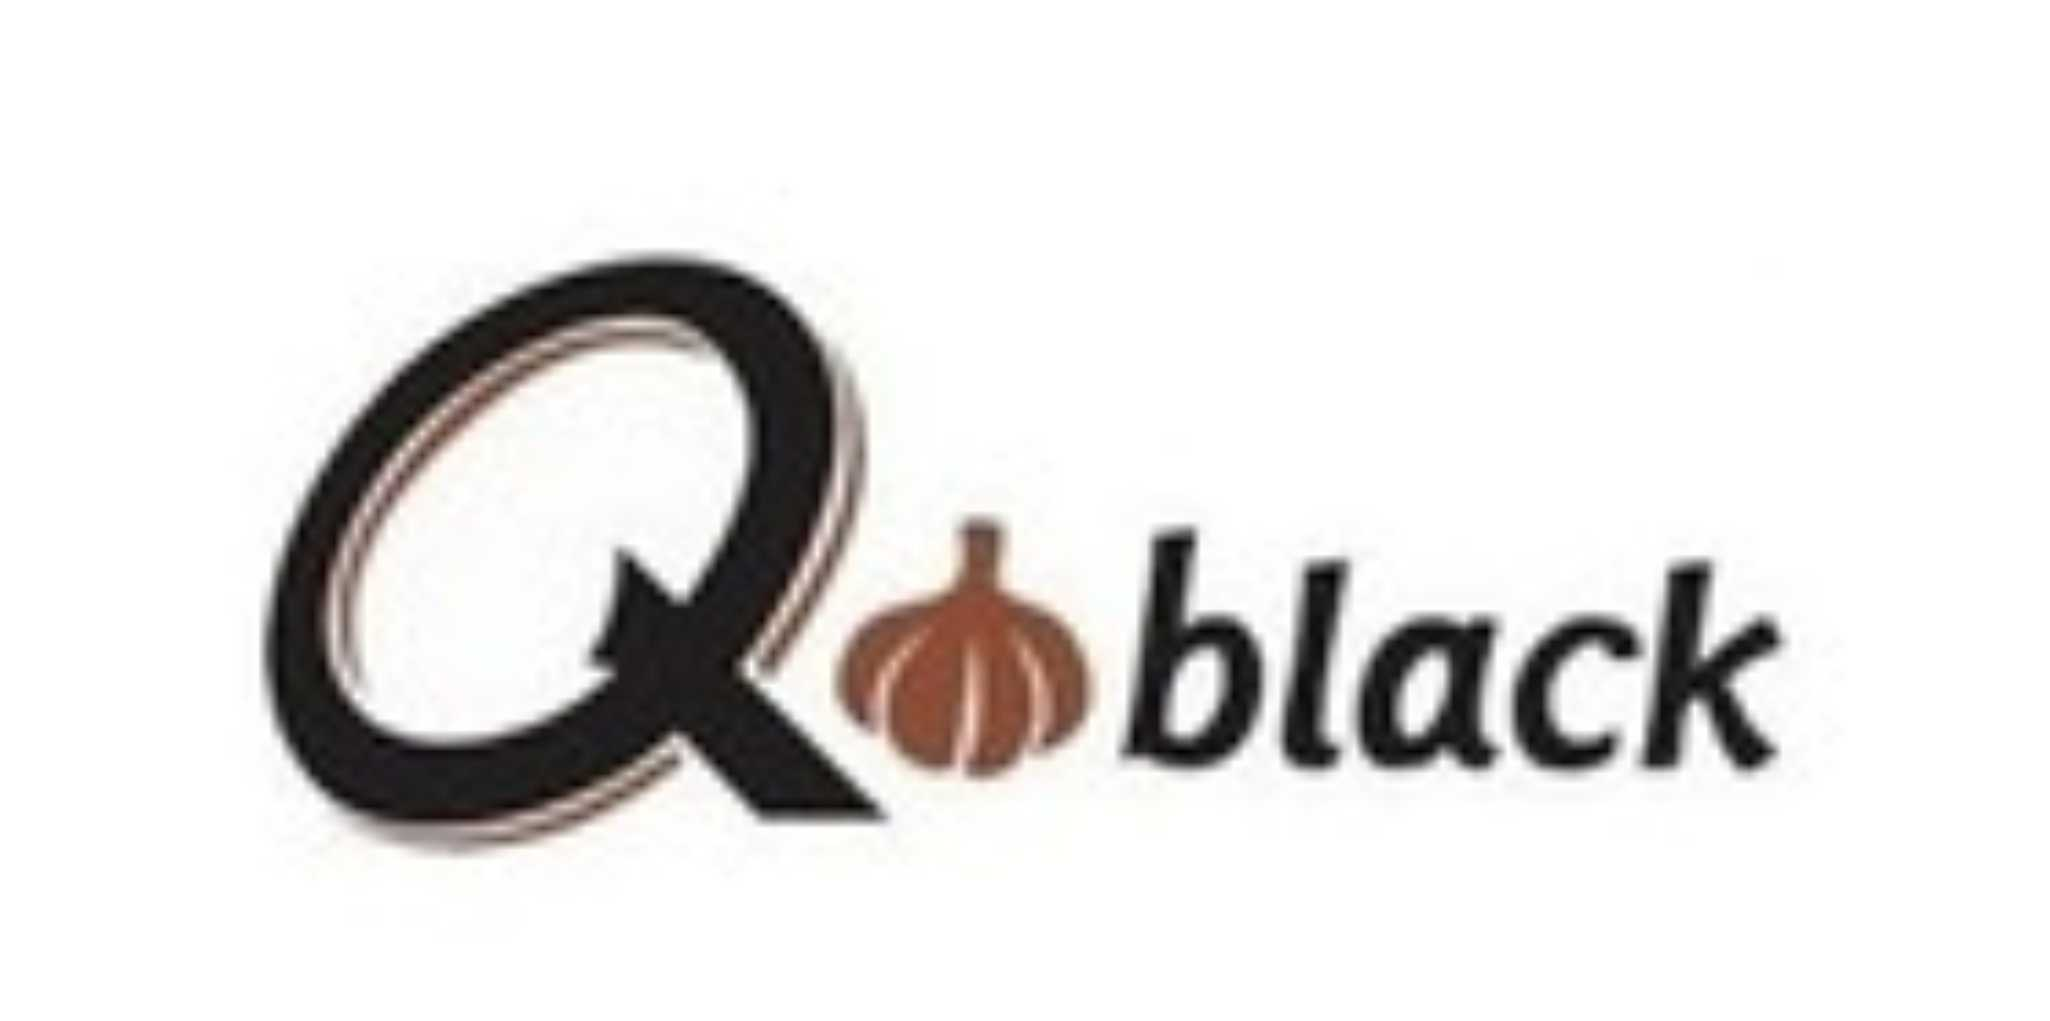 q black